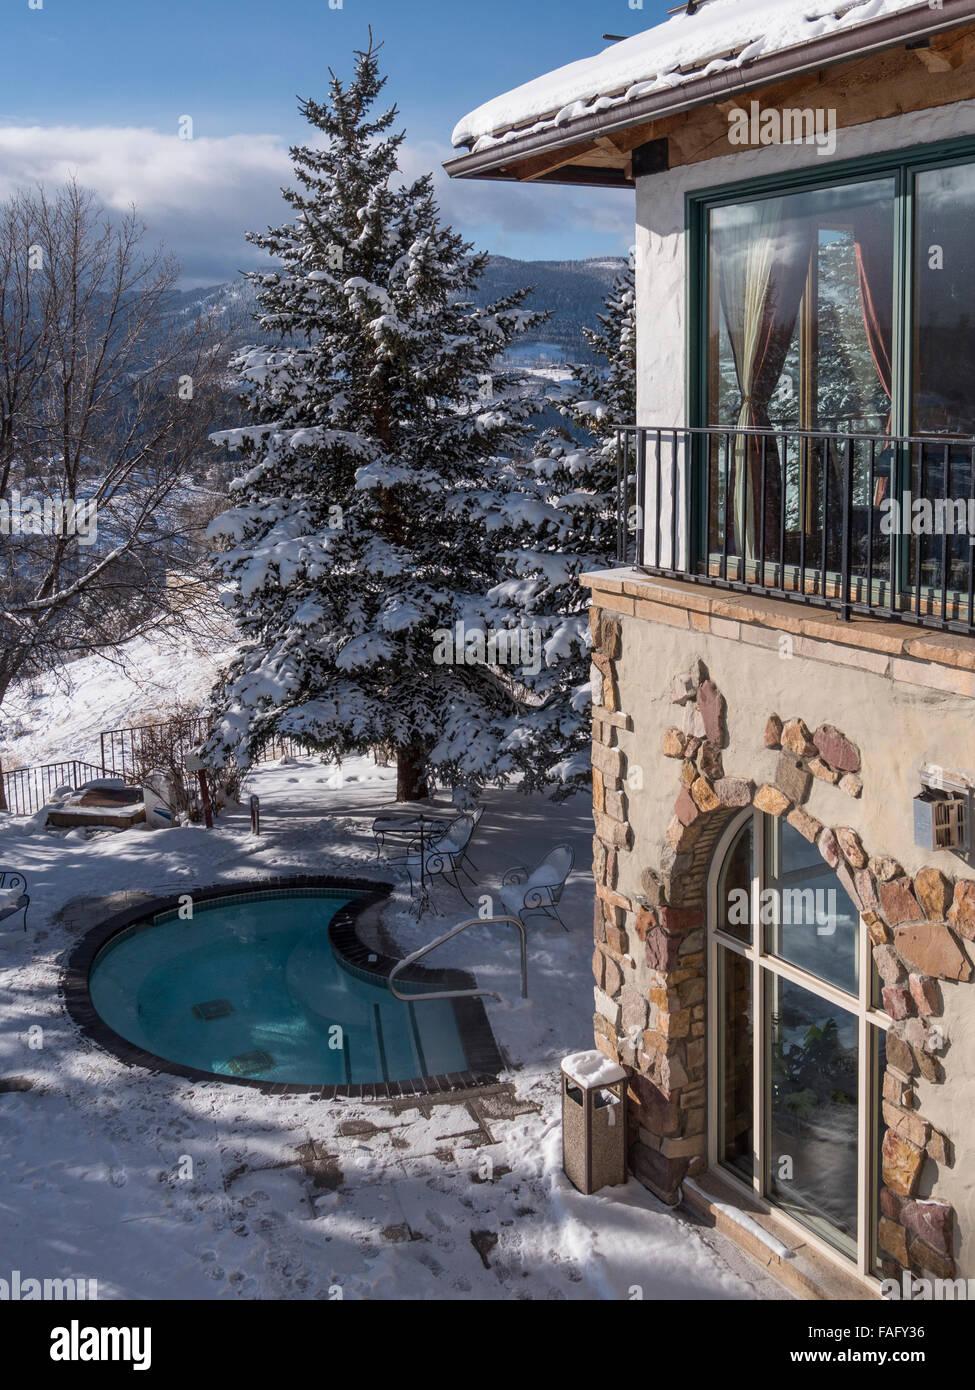 Hot tub, winter, Lodge and Spa at Cordillera, Edwards